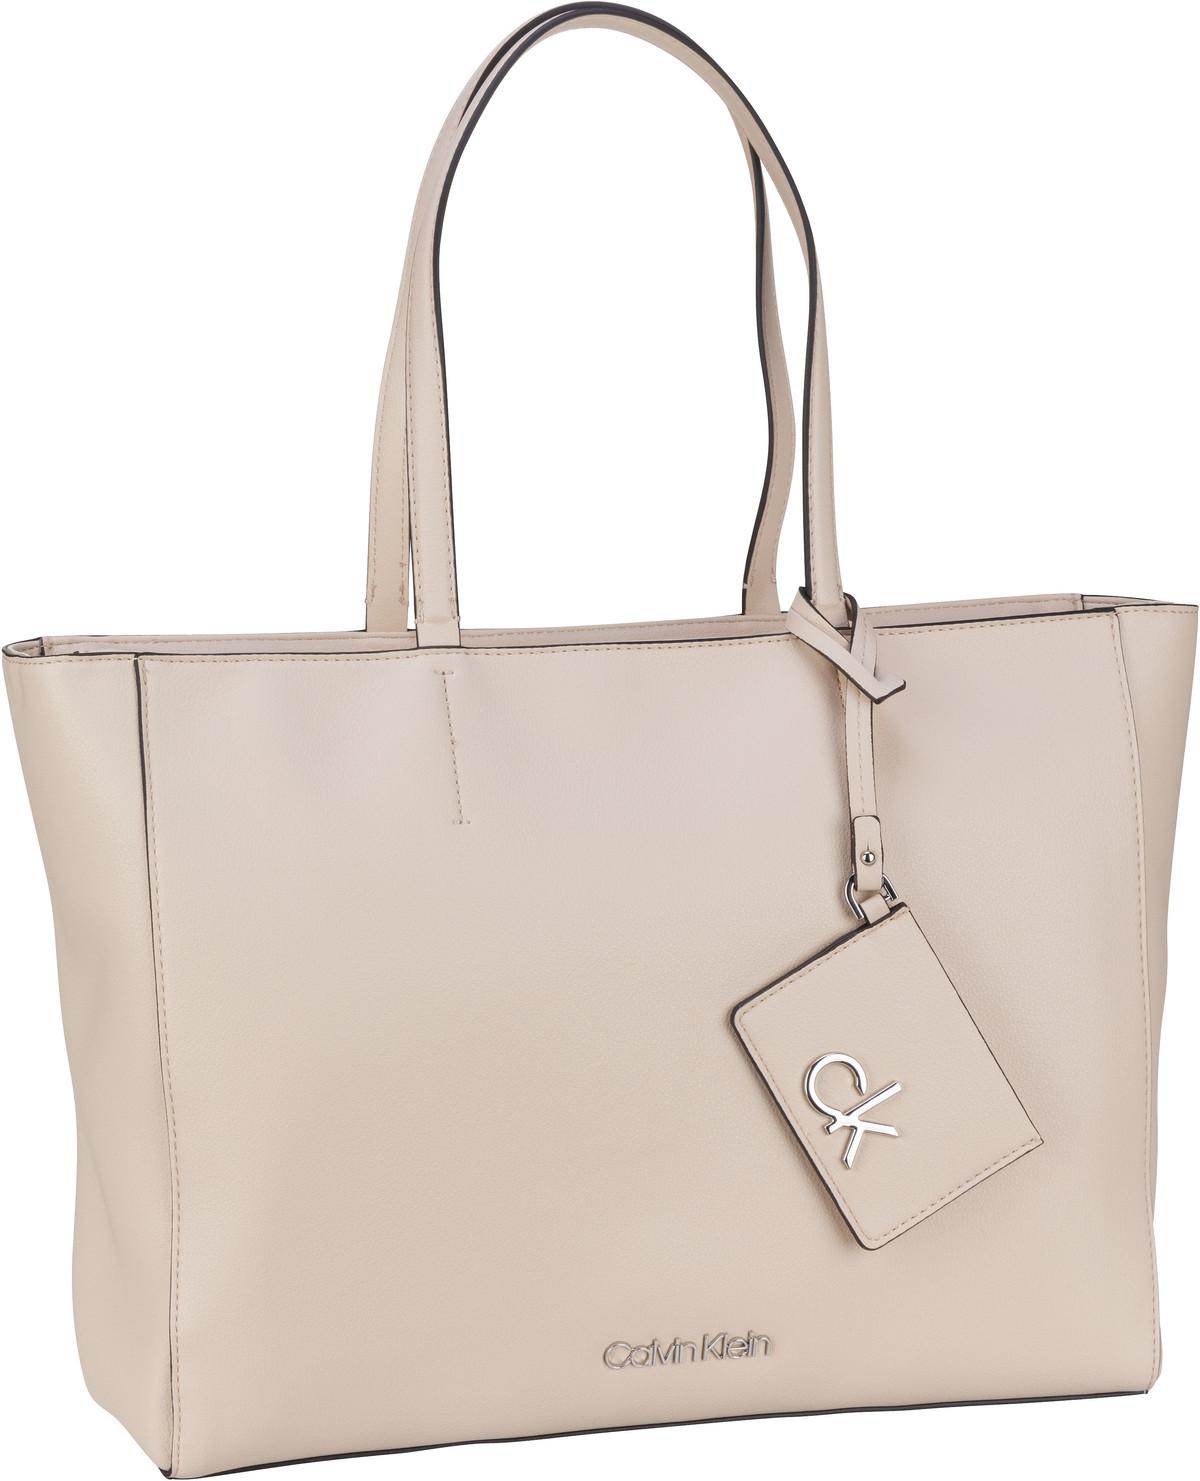 calvin klein -  Handtasche CK Must Shopper MD PF20 Bleached Sand